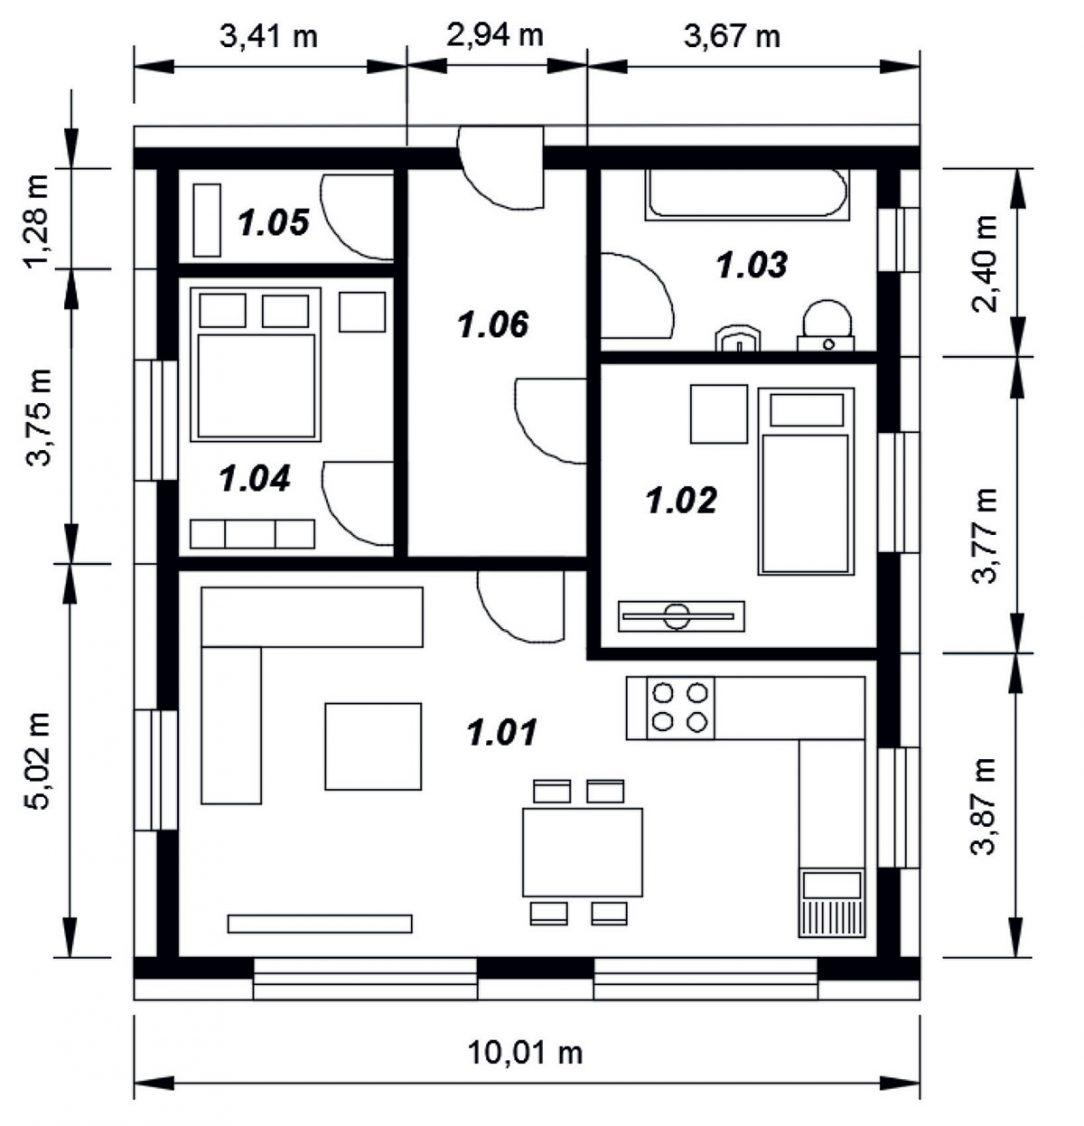 Obr. 1 Modelový dom.